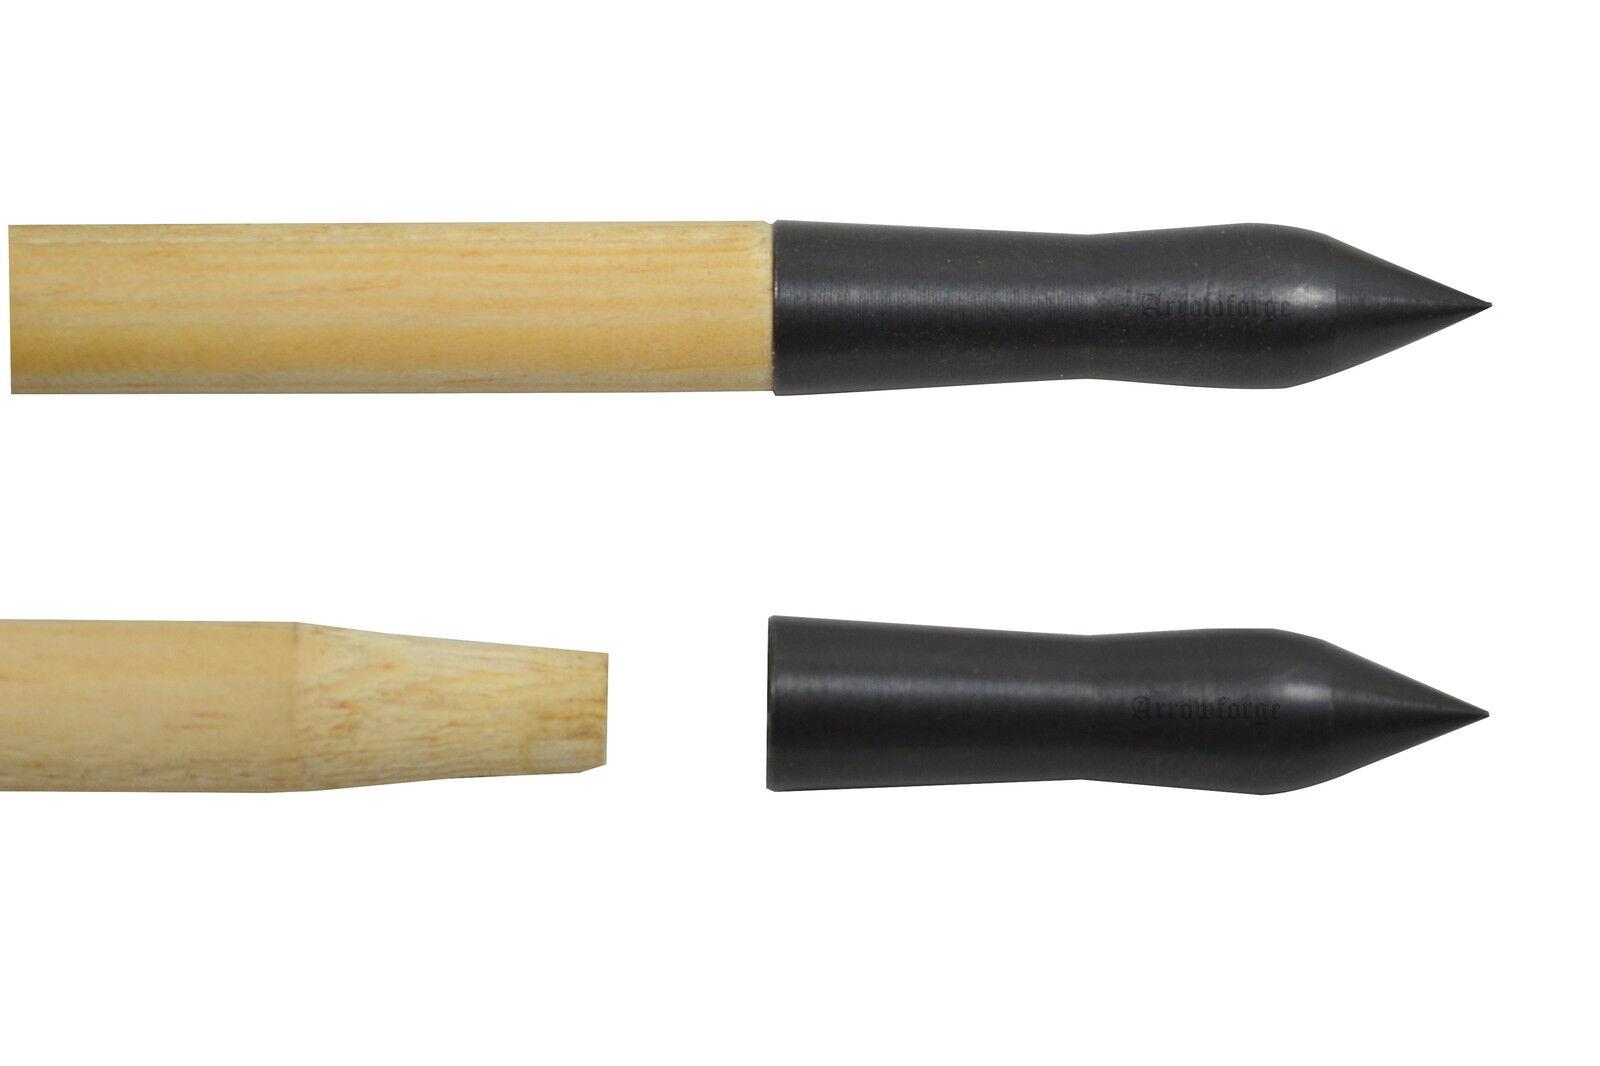 12x brünierte bodkinspitze historypoint pointe de adhésive flèche DENTELLE adhésive de diff. tailles 671f8c